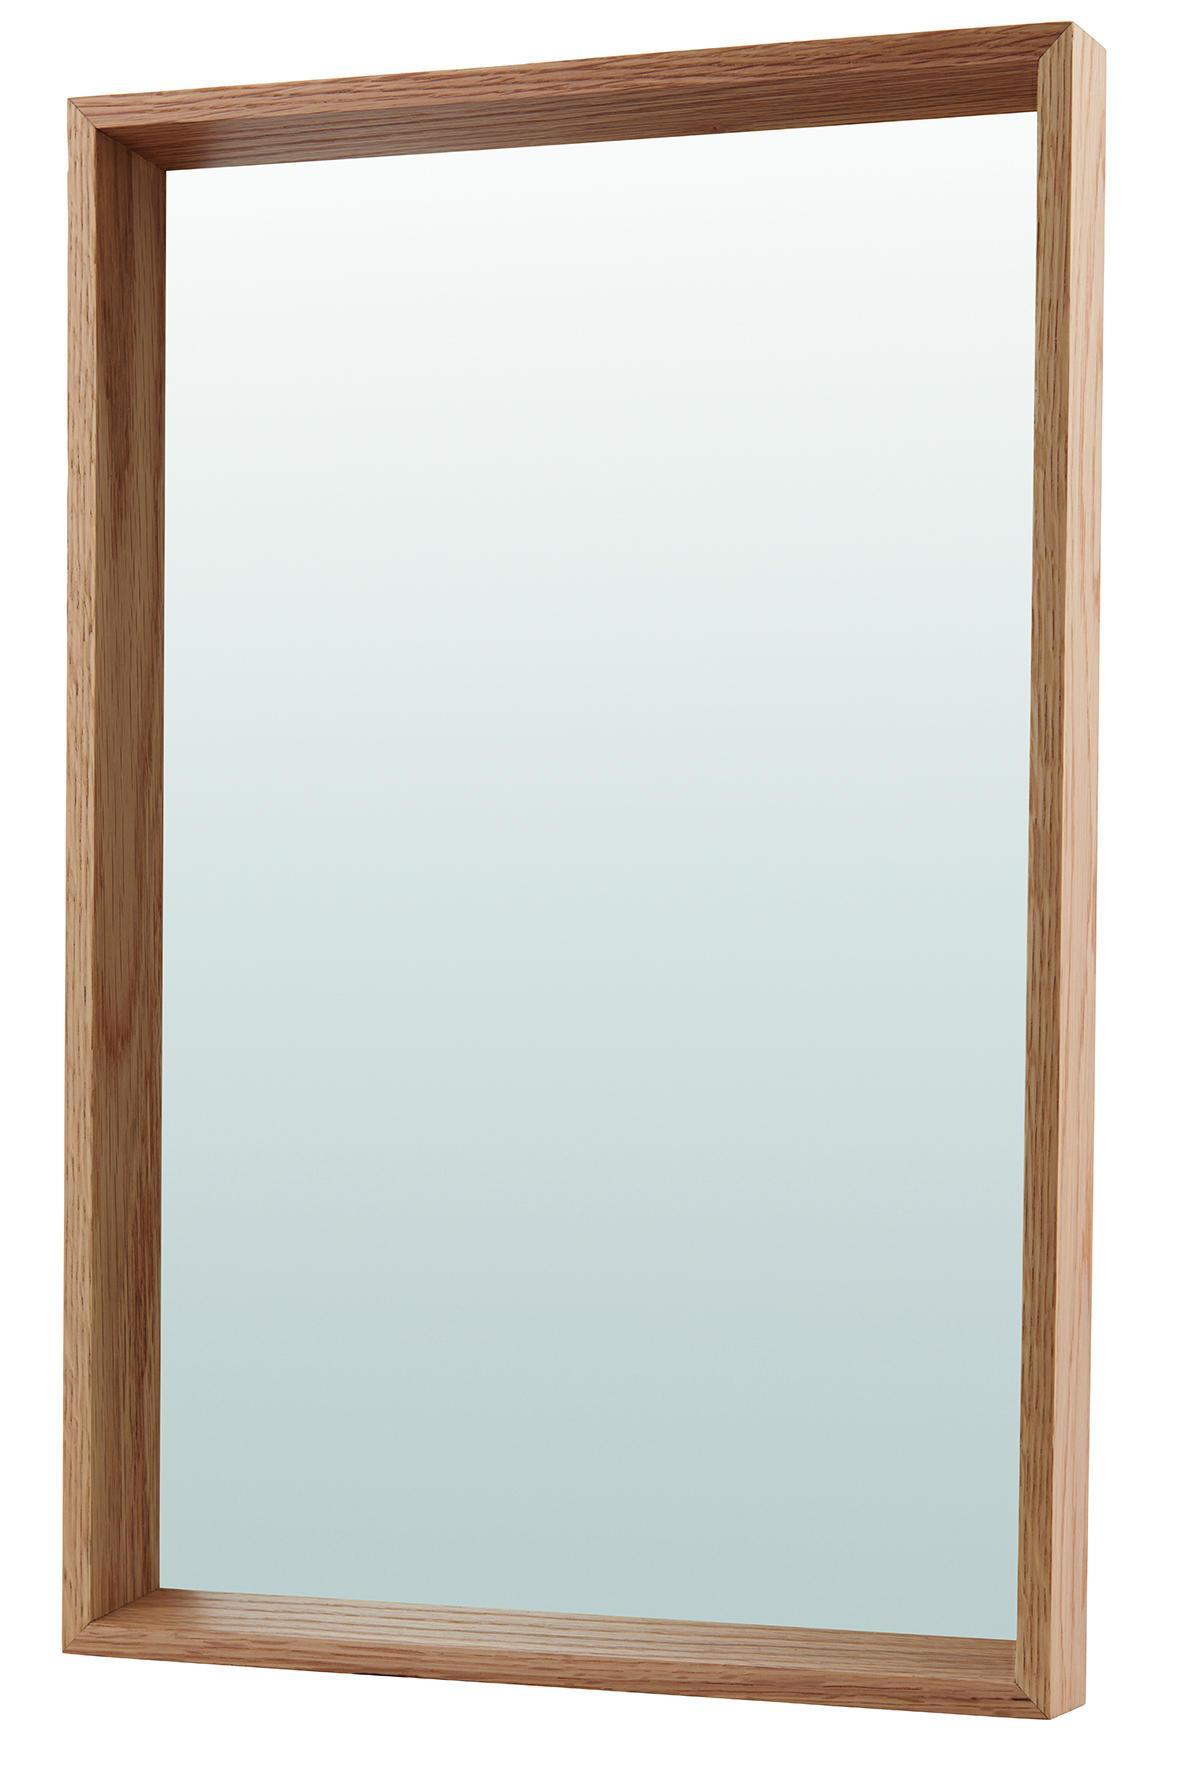 House Doctor Závěsné zrcadlo v dubovém rámu Oak, hnědá barva, sklo, dřevo